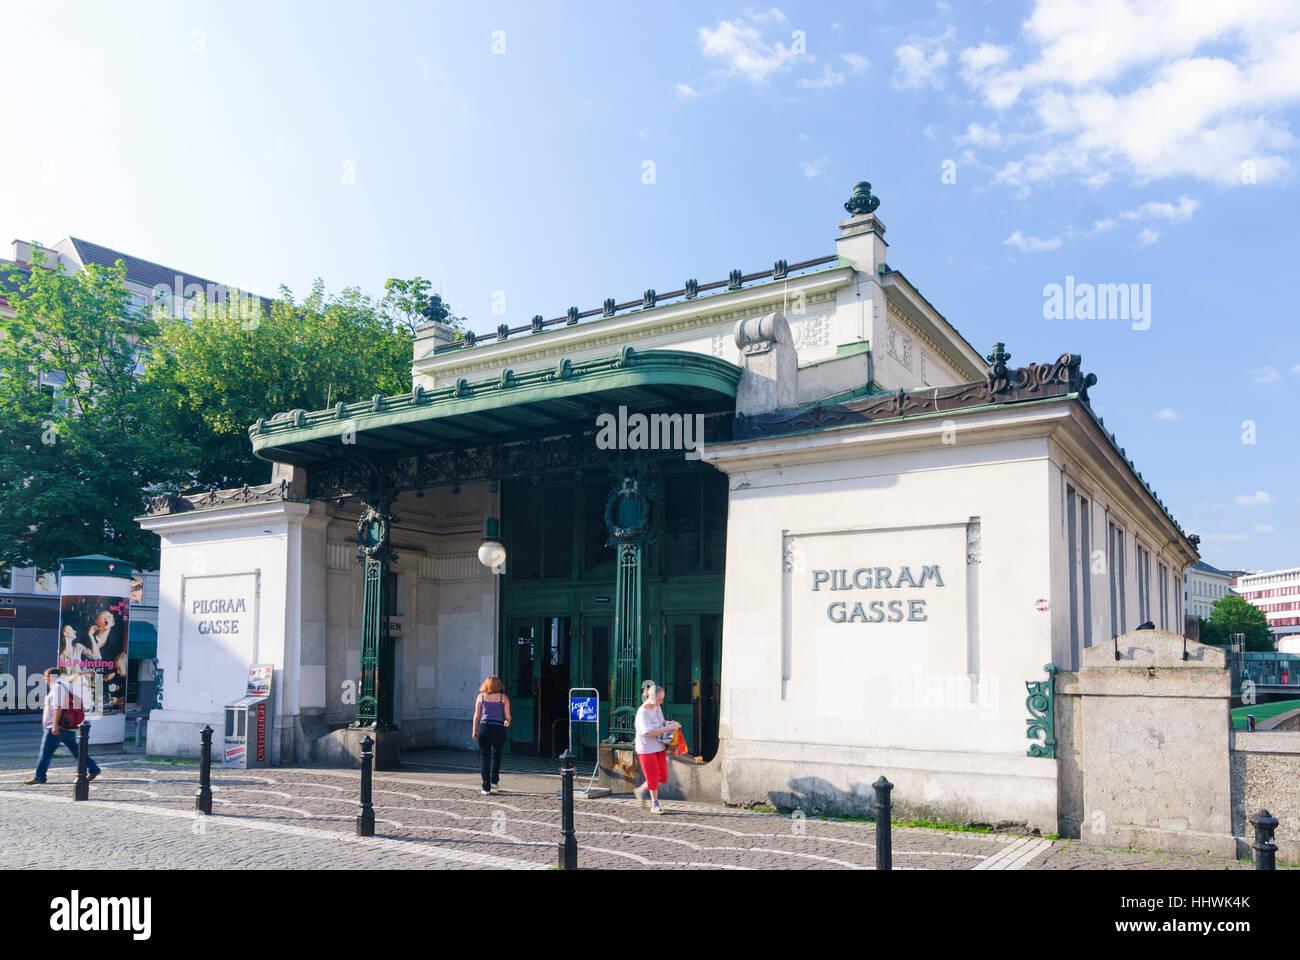 Wien, Vienna: subway station Pilgramgasse, 05., Wien, Austria - Stock Image